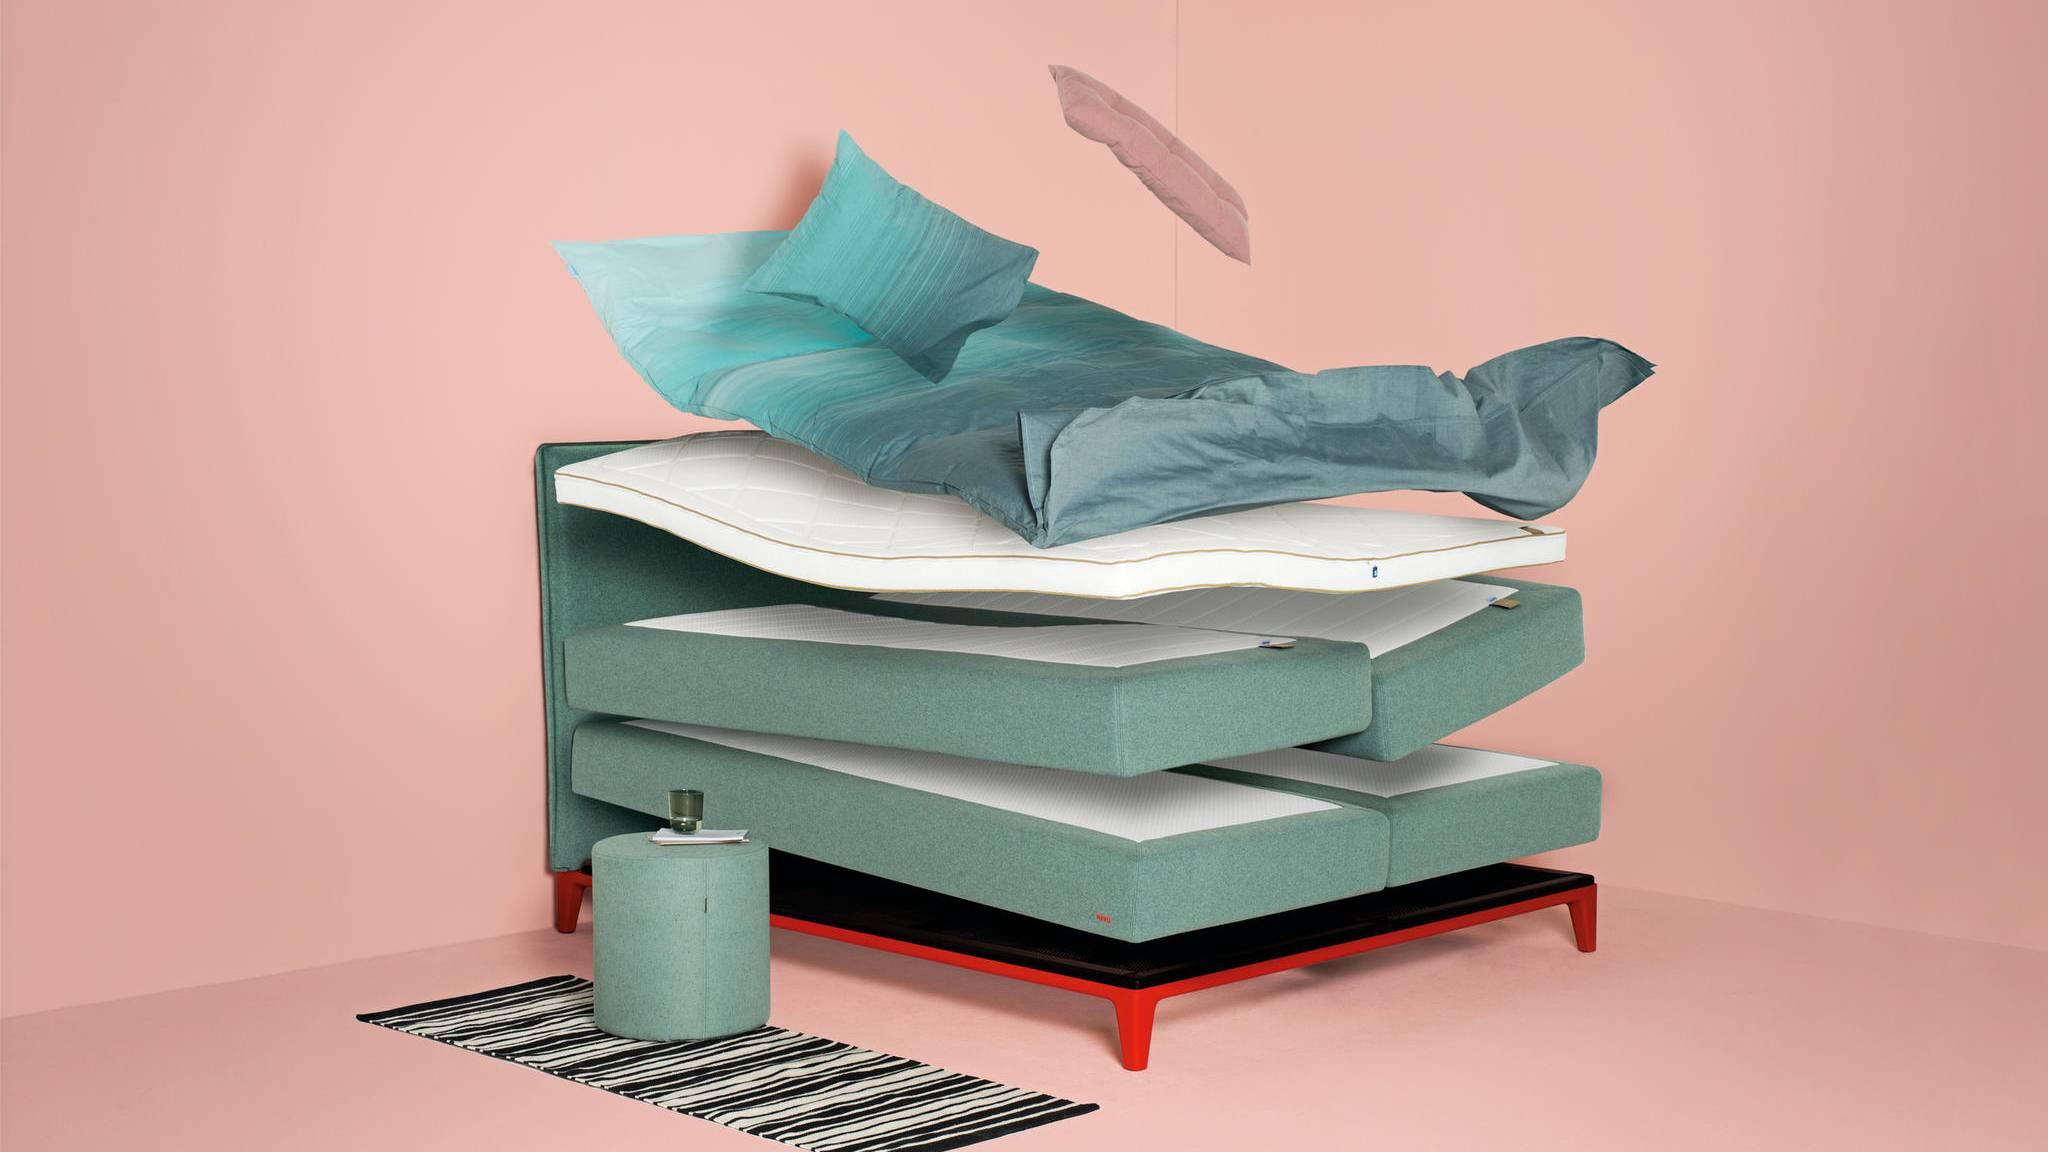 Full Size of Bestes Bett Betten Test Was Sie Beim Bettenkauf Beachten Sollten Sternde Französische 2m X 200x200 140x200 Weißes Dänisches Bettenlager Badezimmer Mit Bett Bestes Bett